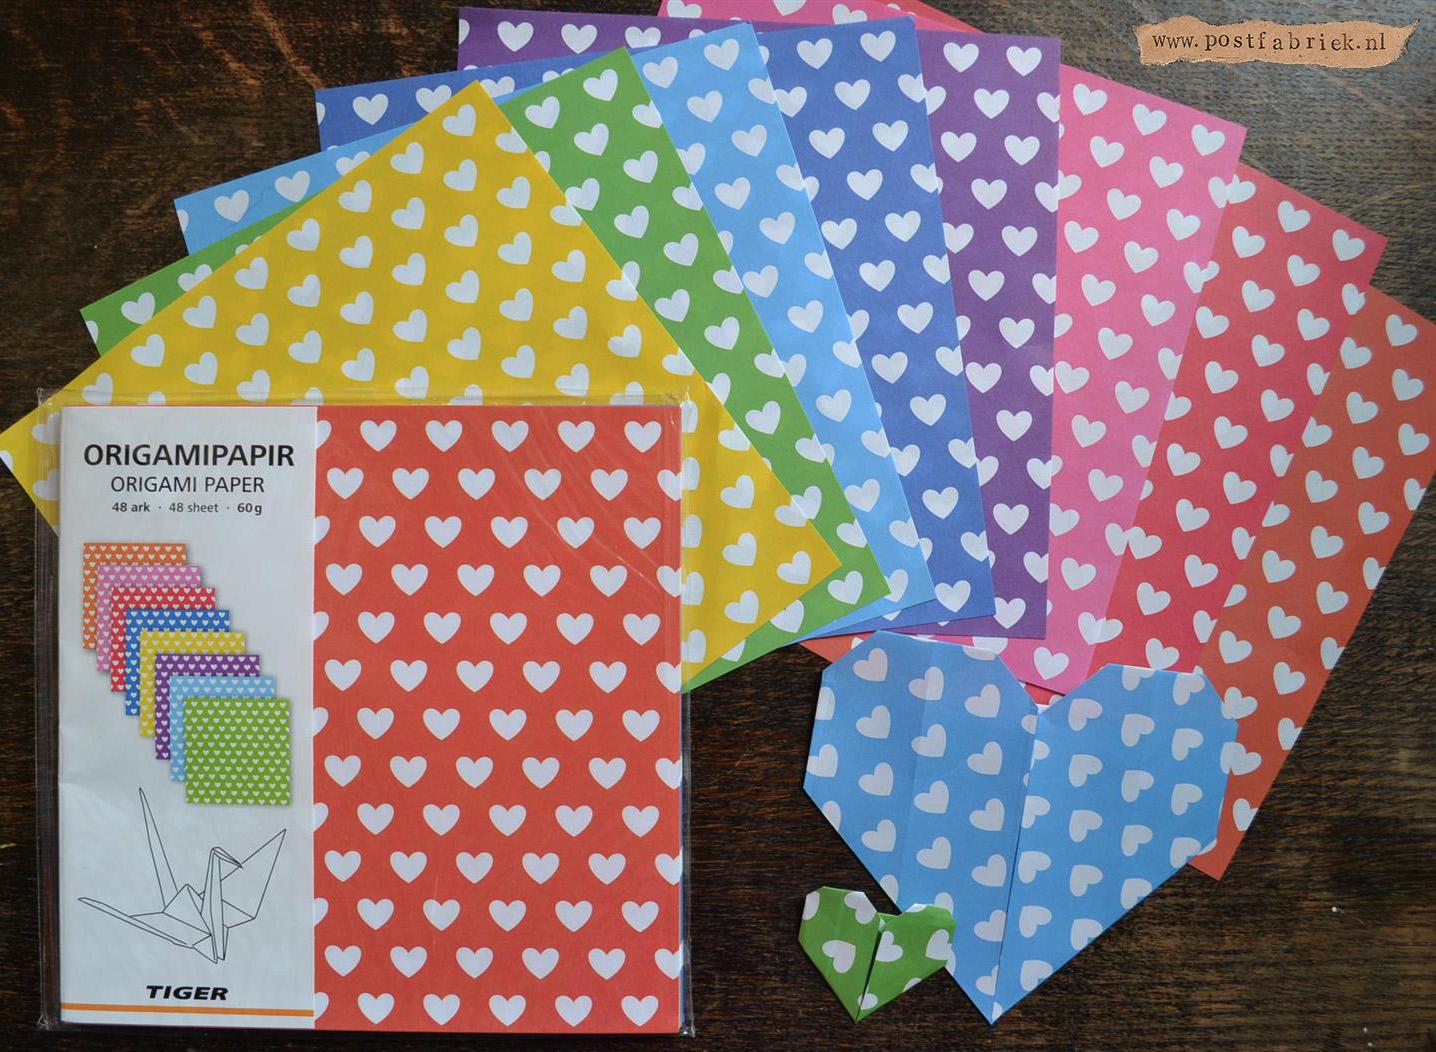 Valentijnspost idee n en inspiratie postfabriek for Cadeauzakjes papier hema